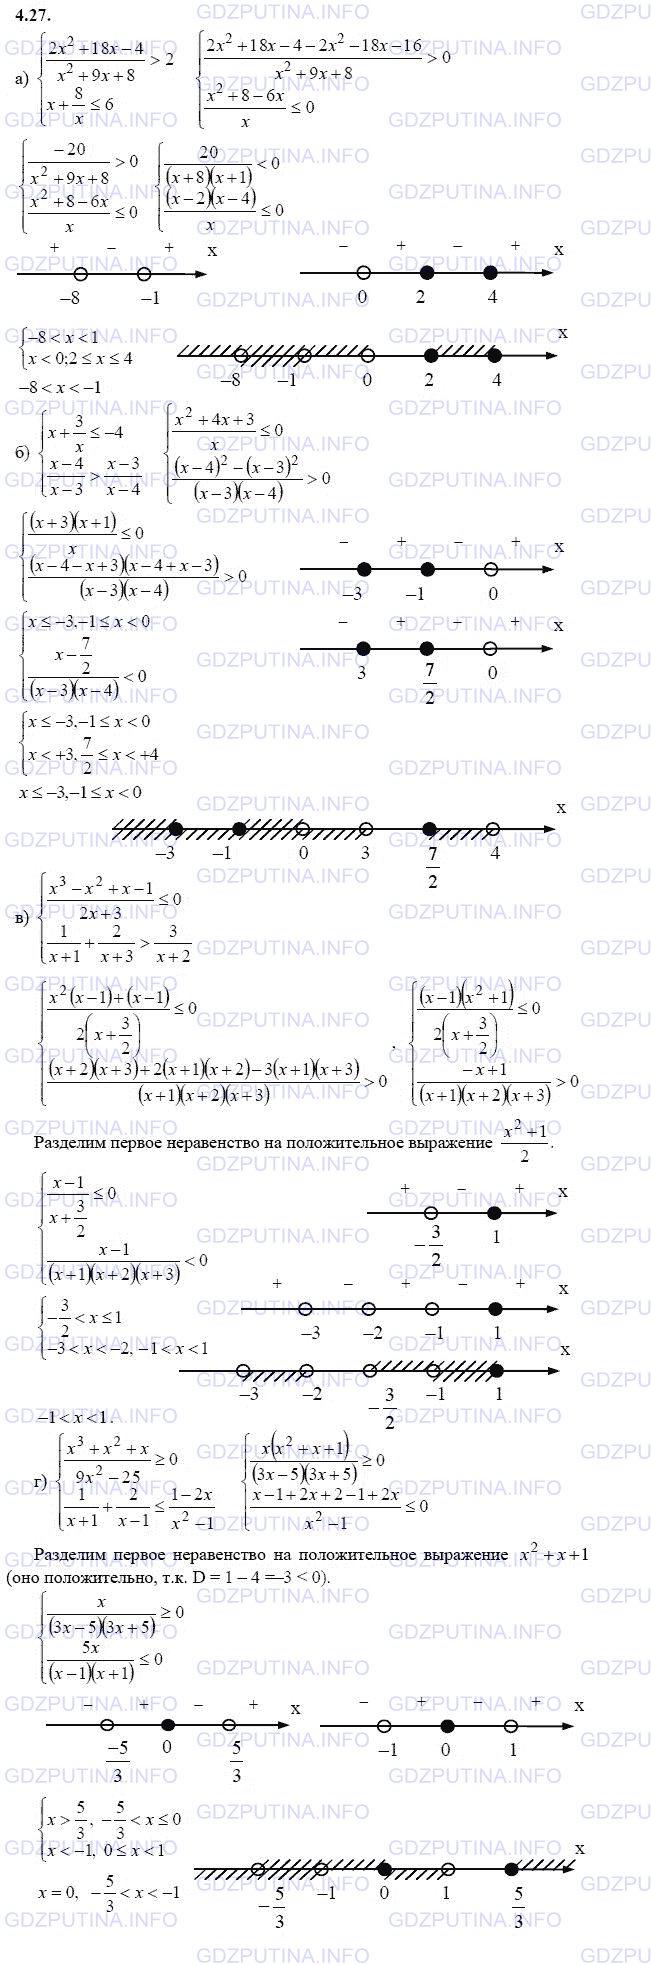 мордкович гдз 9 класс математика александрова